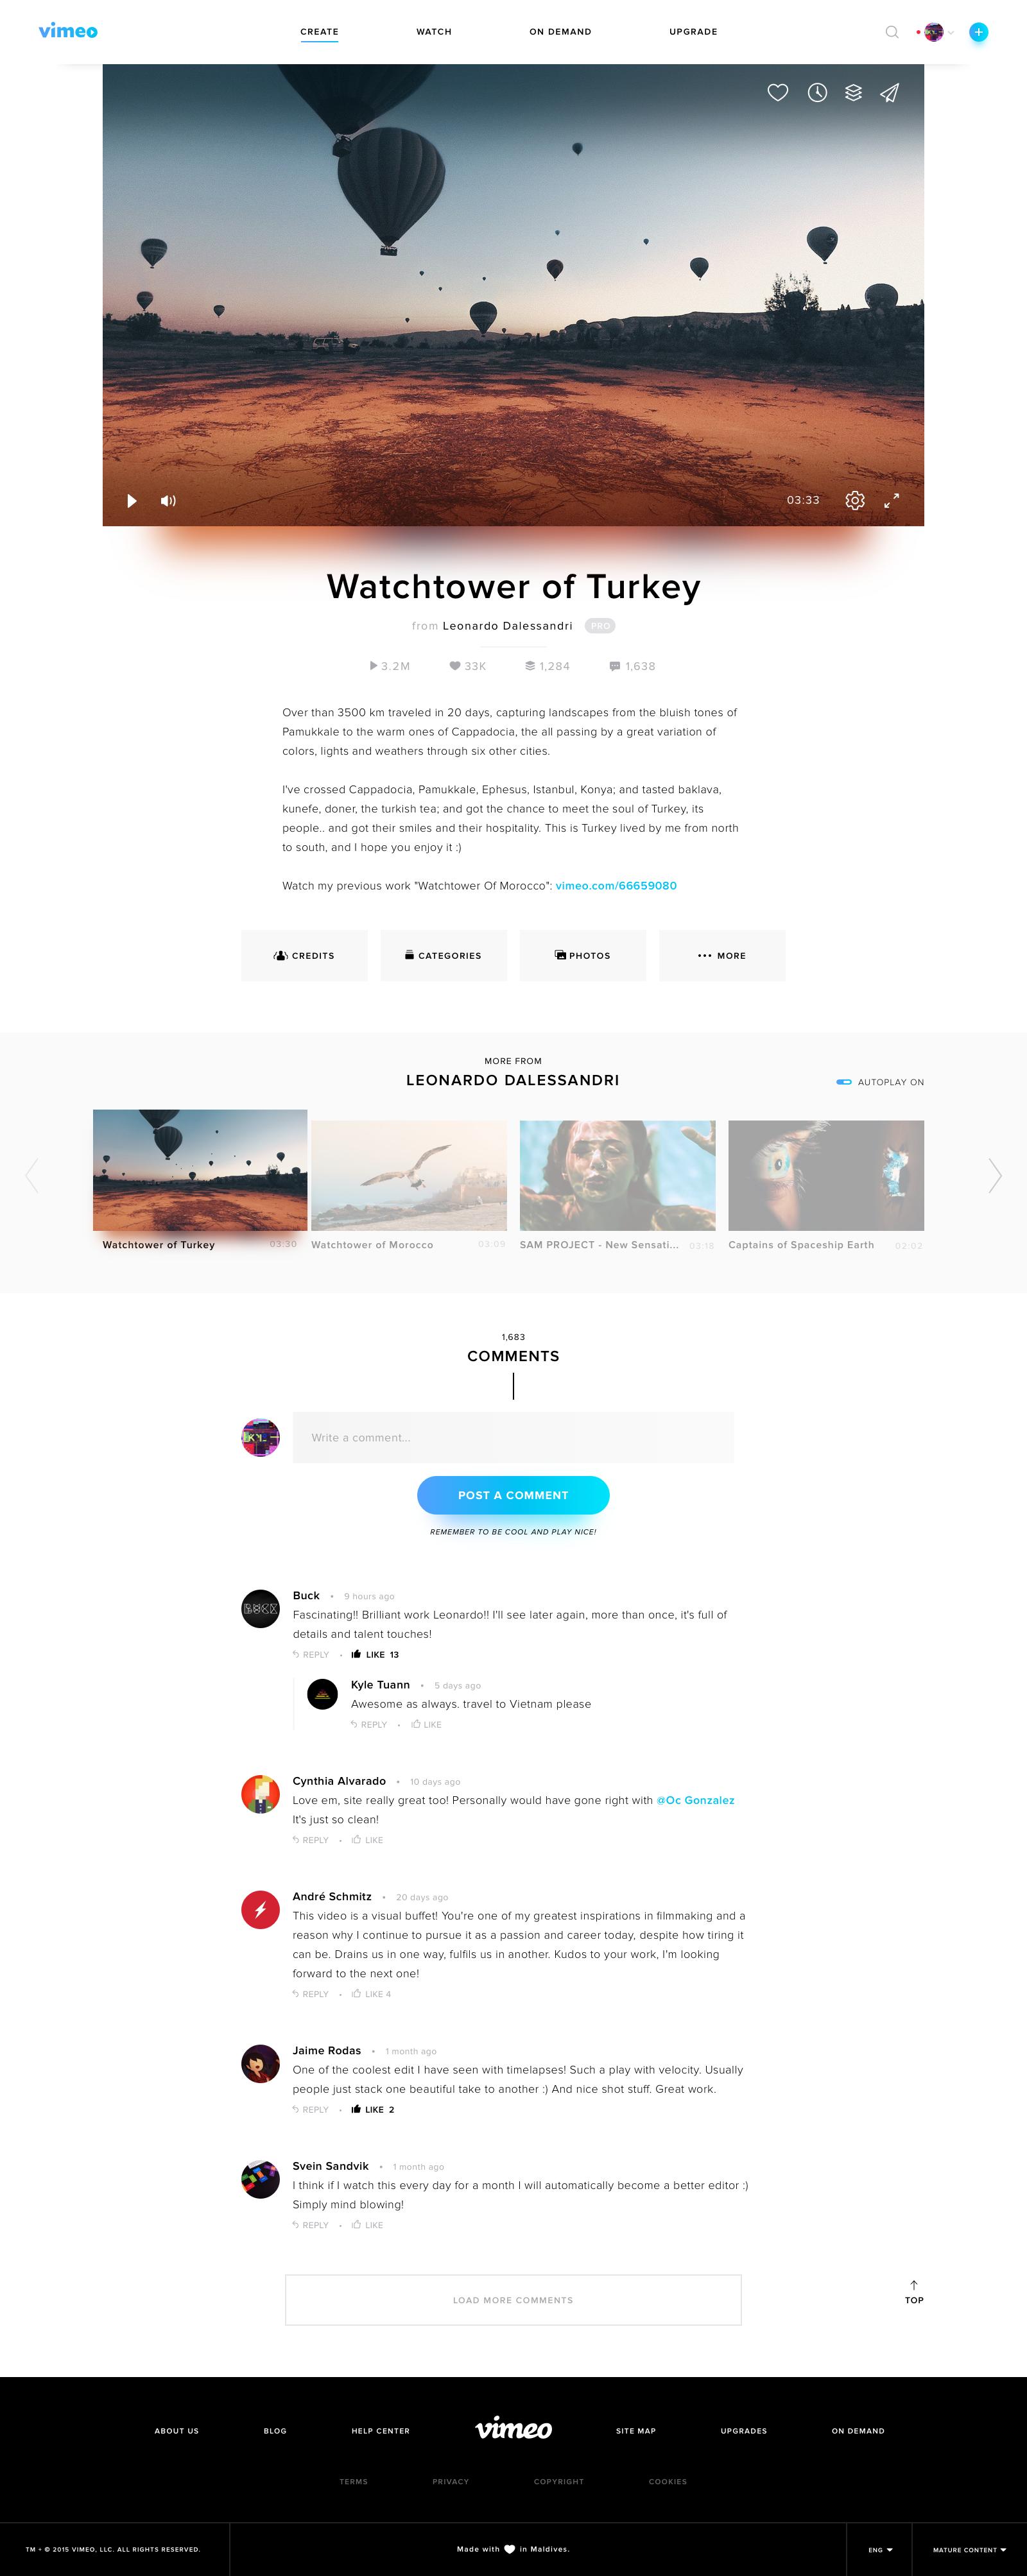 01 Video Full Details Png By Mohamed Fayaz Blog Layout Design Minimalist Web Design Concept Design